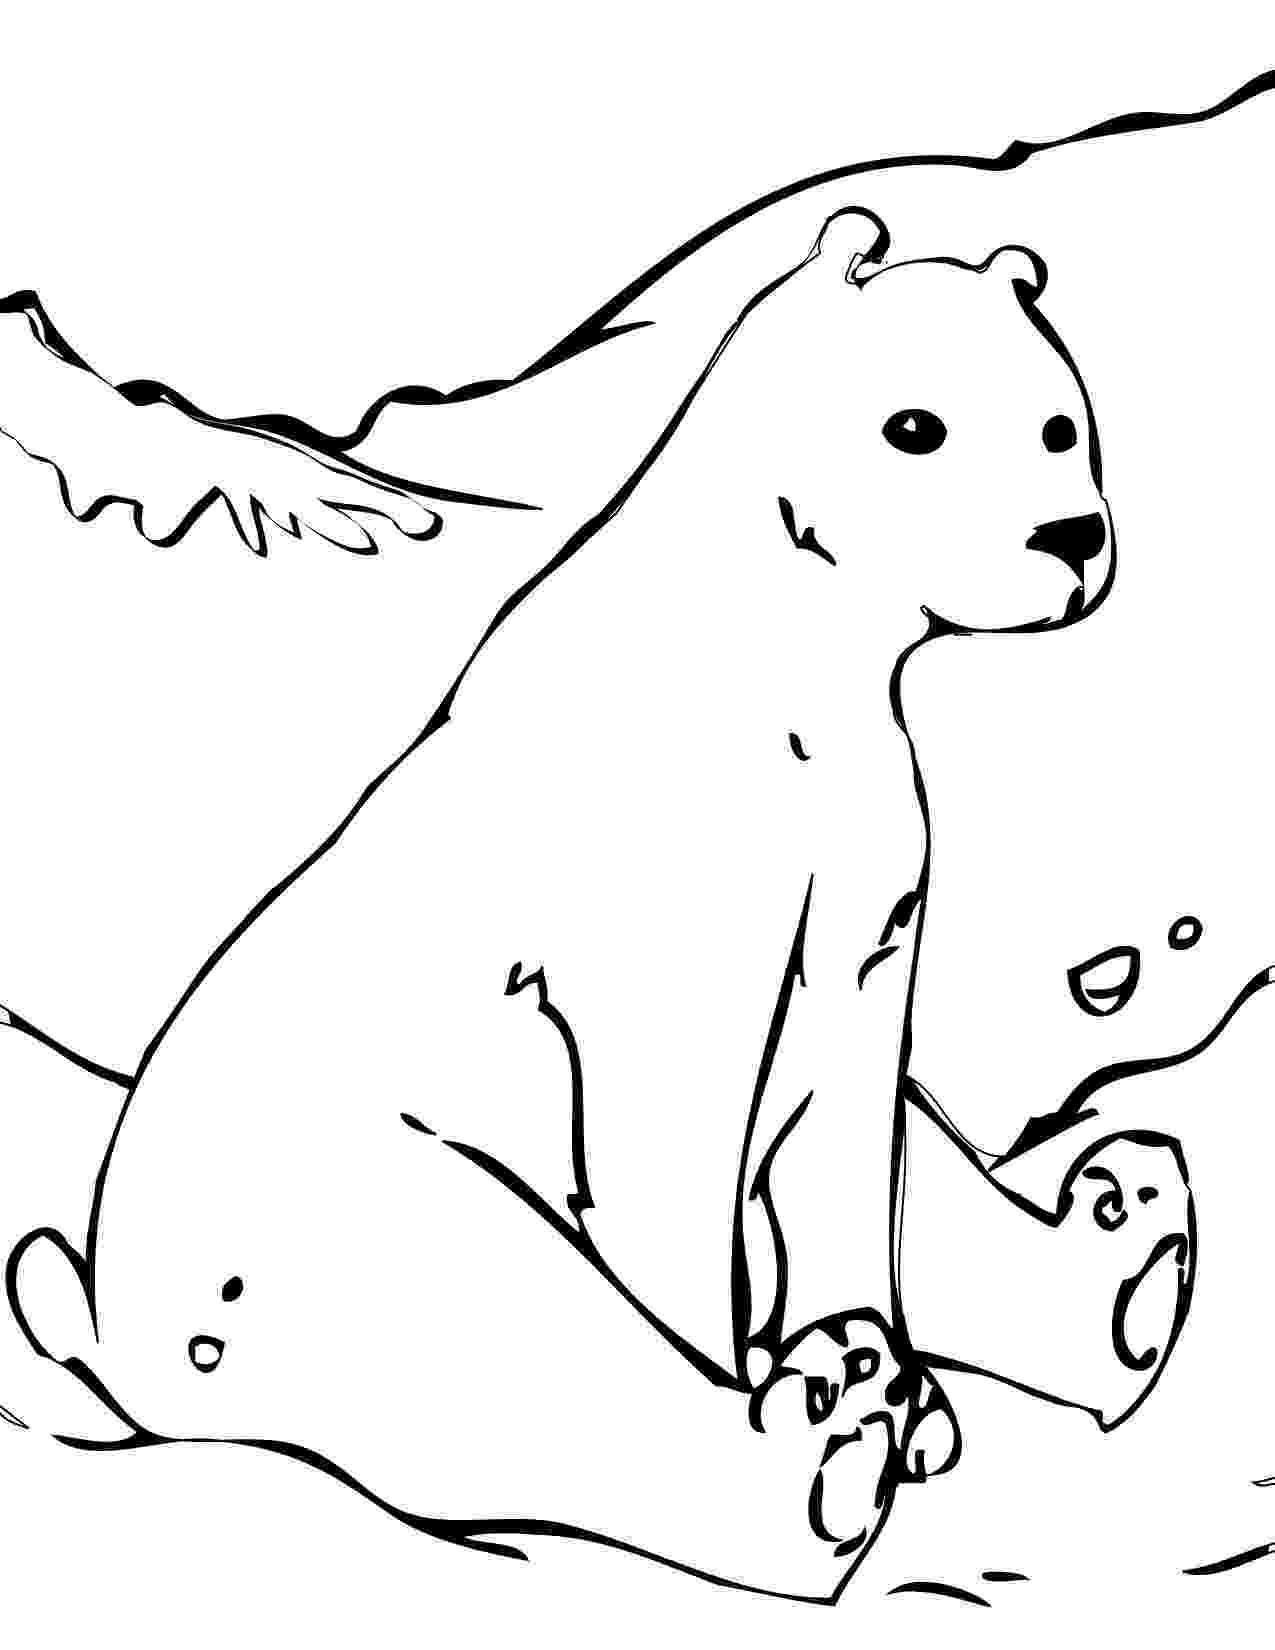 coloring book polar bear top 10 free printable polar bear coloring pages online polar coloring bear book